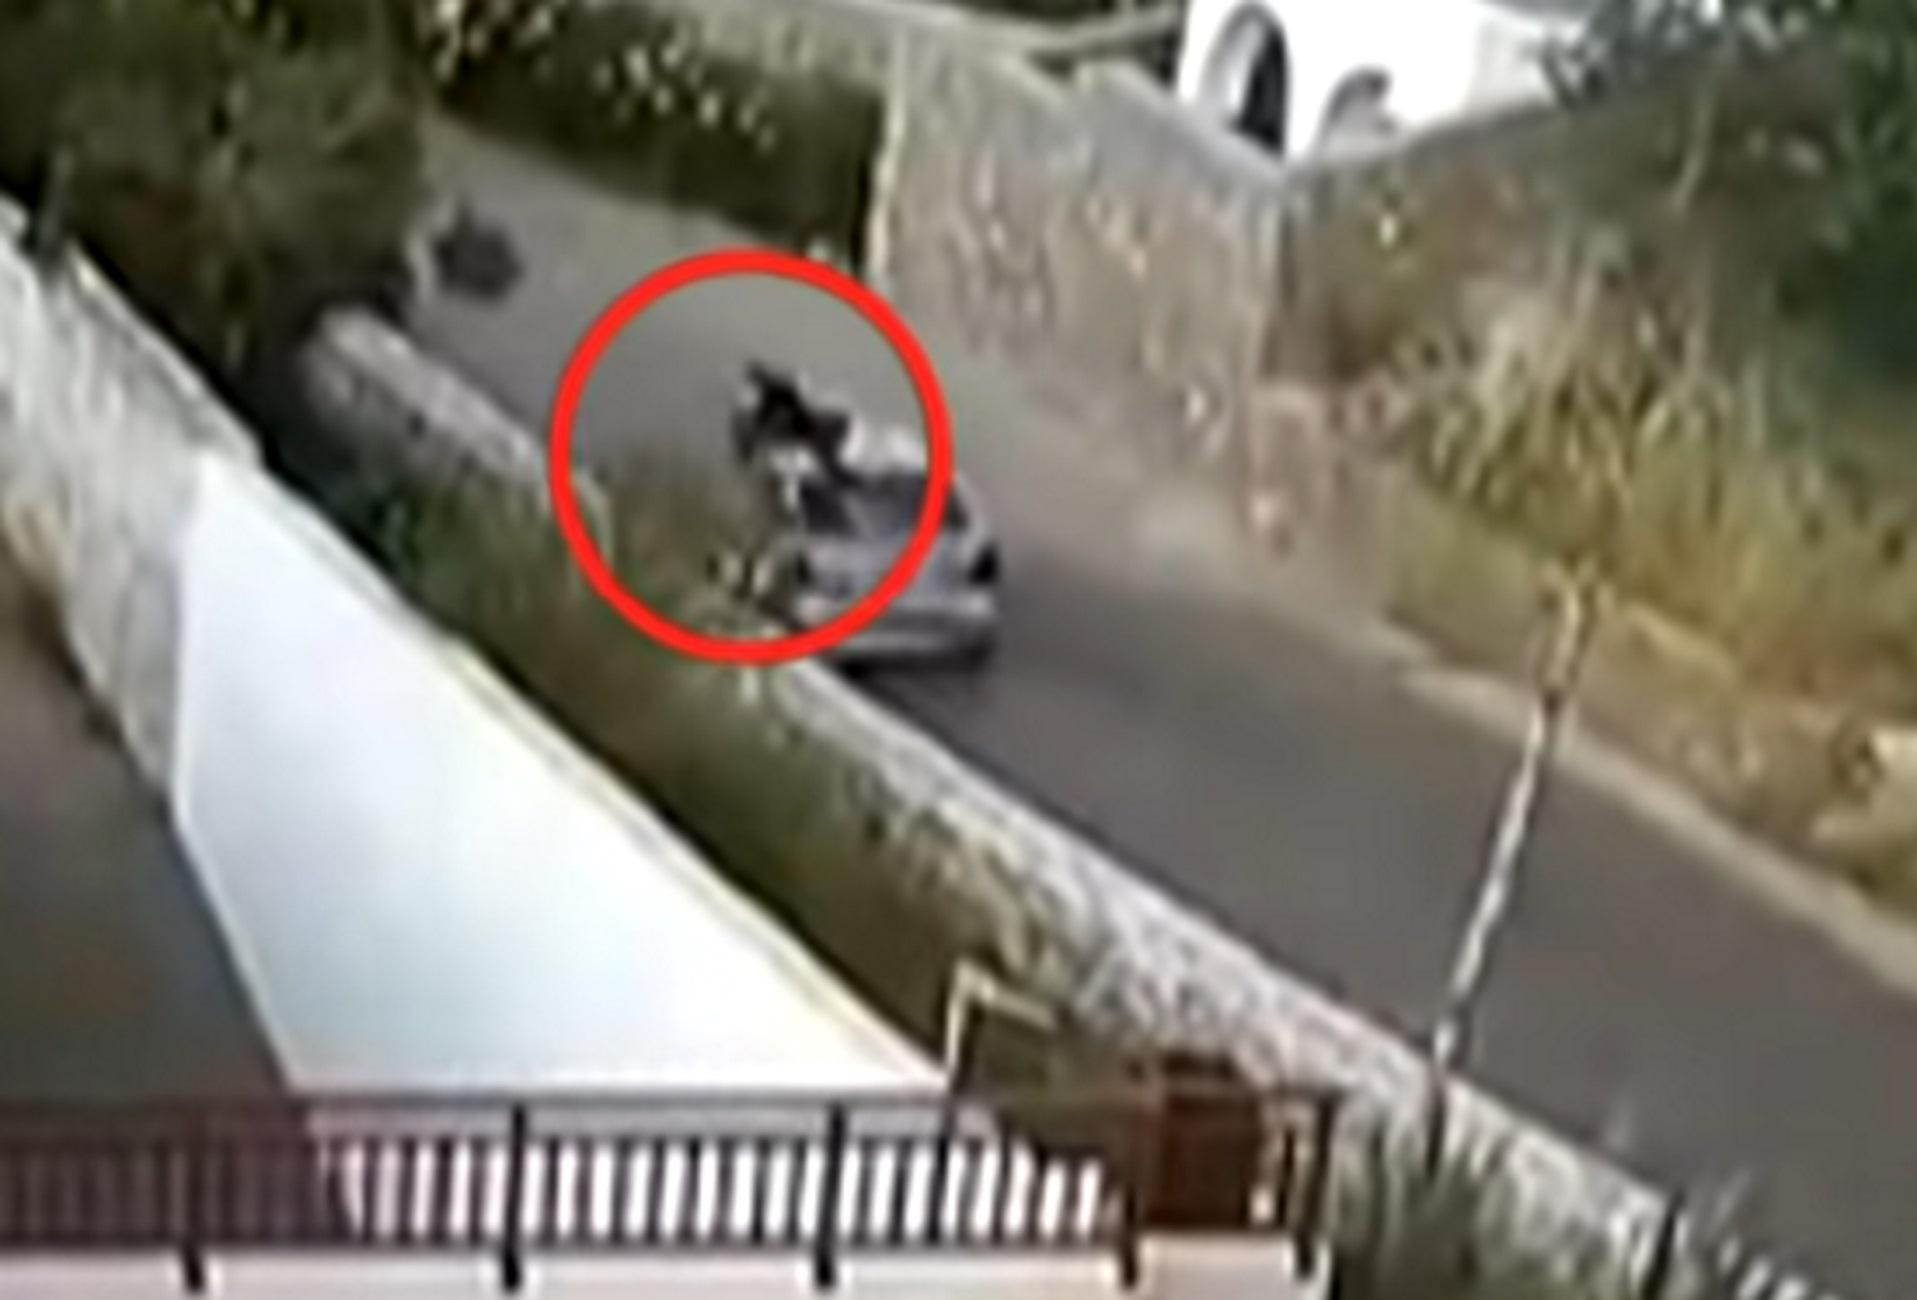 """Κρήτη: Η στιγμή που αυτοκίνητο """"θερίζει"""" οδηγό μηχανής- Βίντεο ντοκουμέντο που κόβει την ανάσα"""